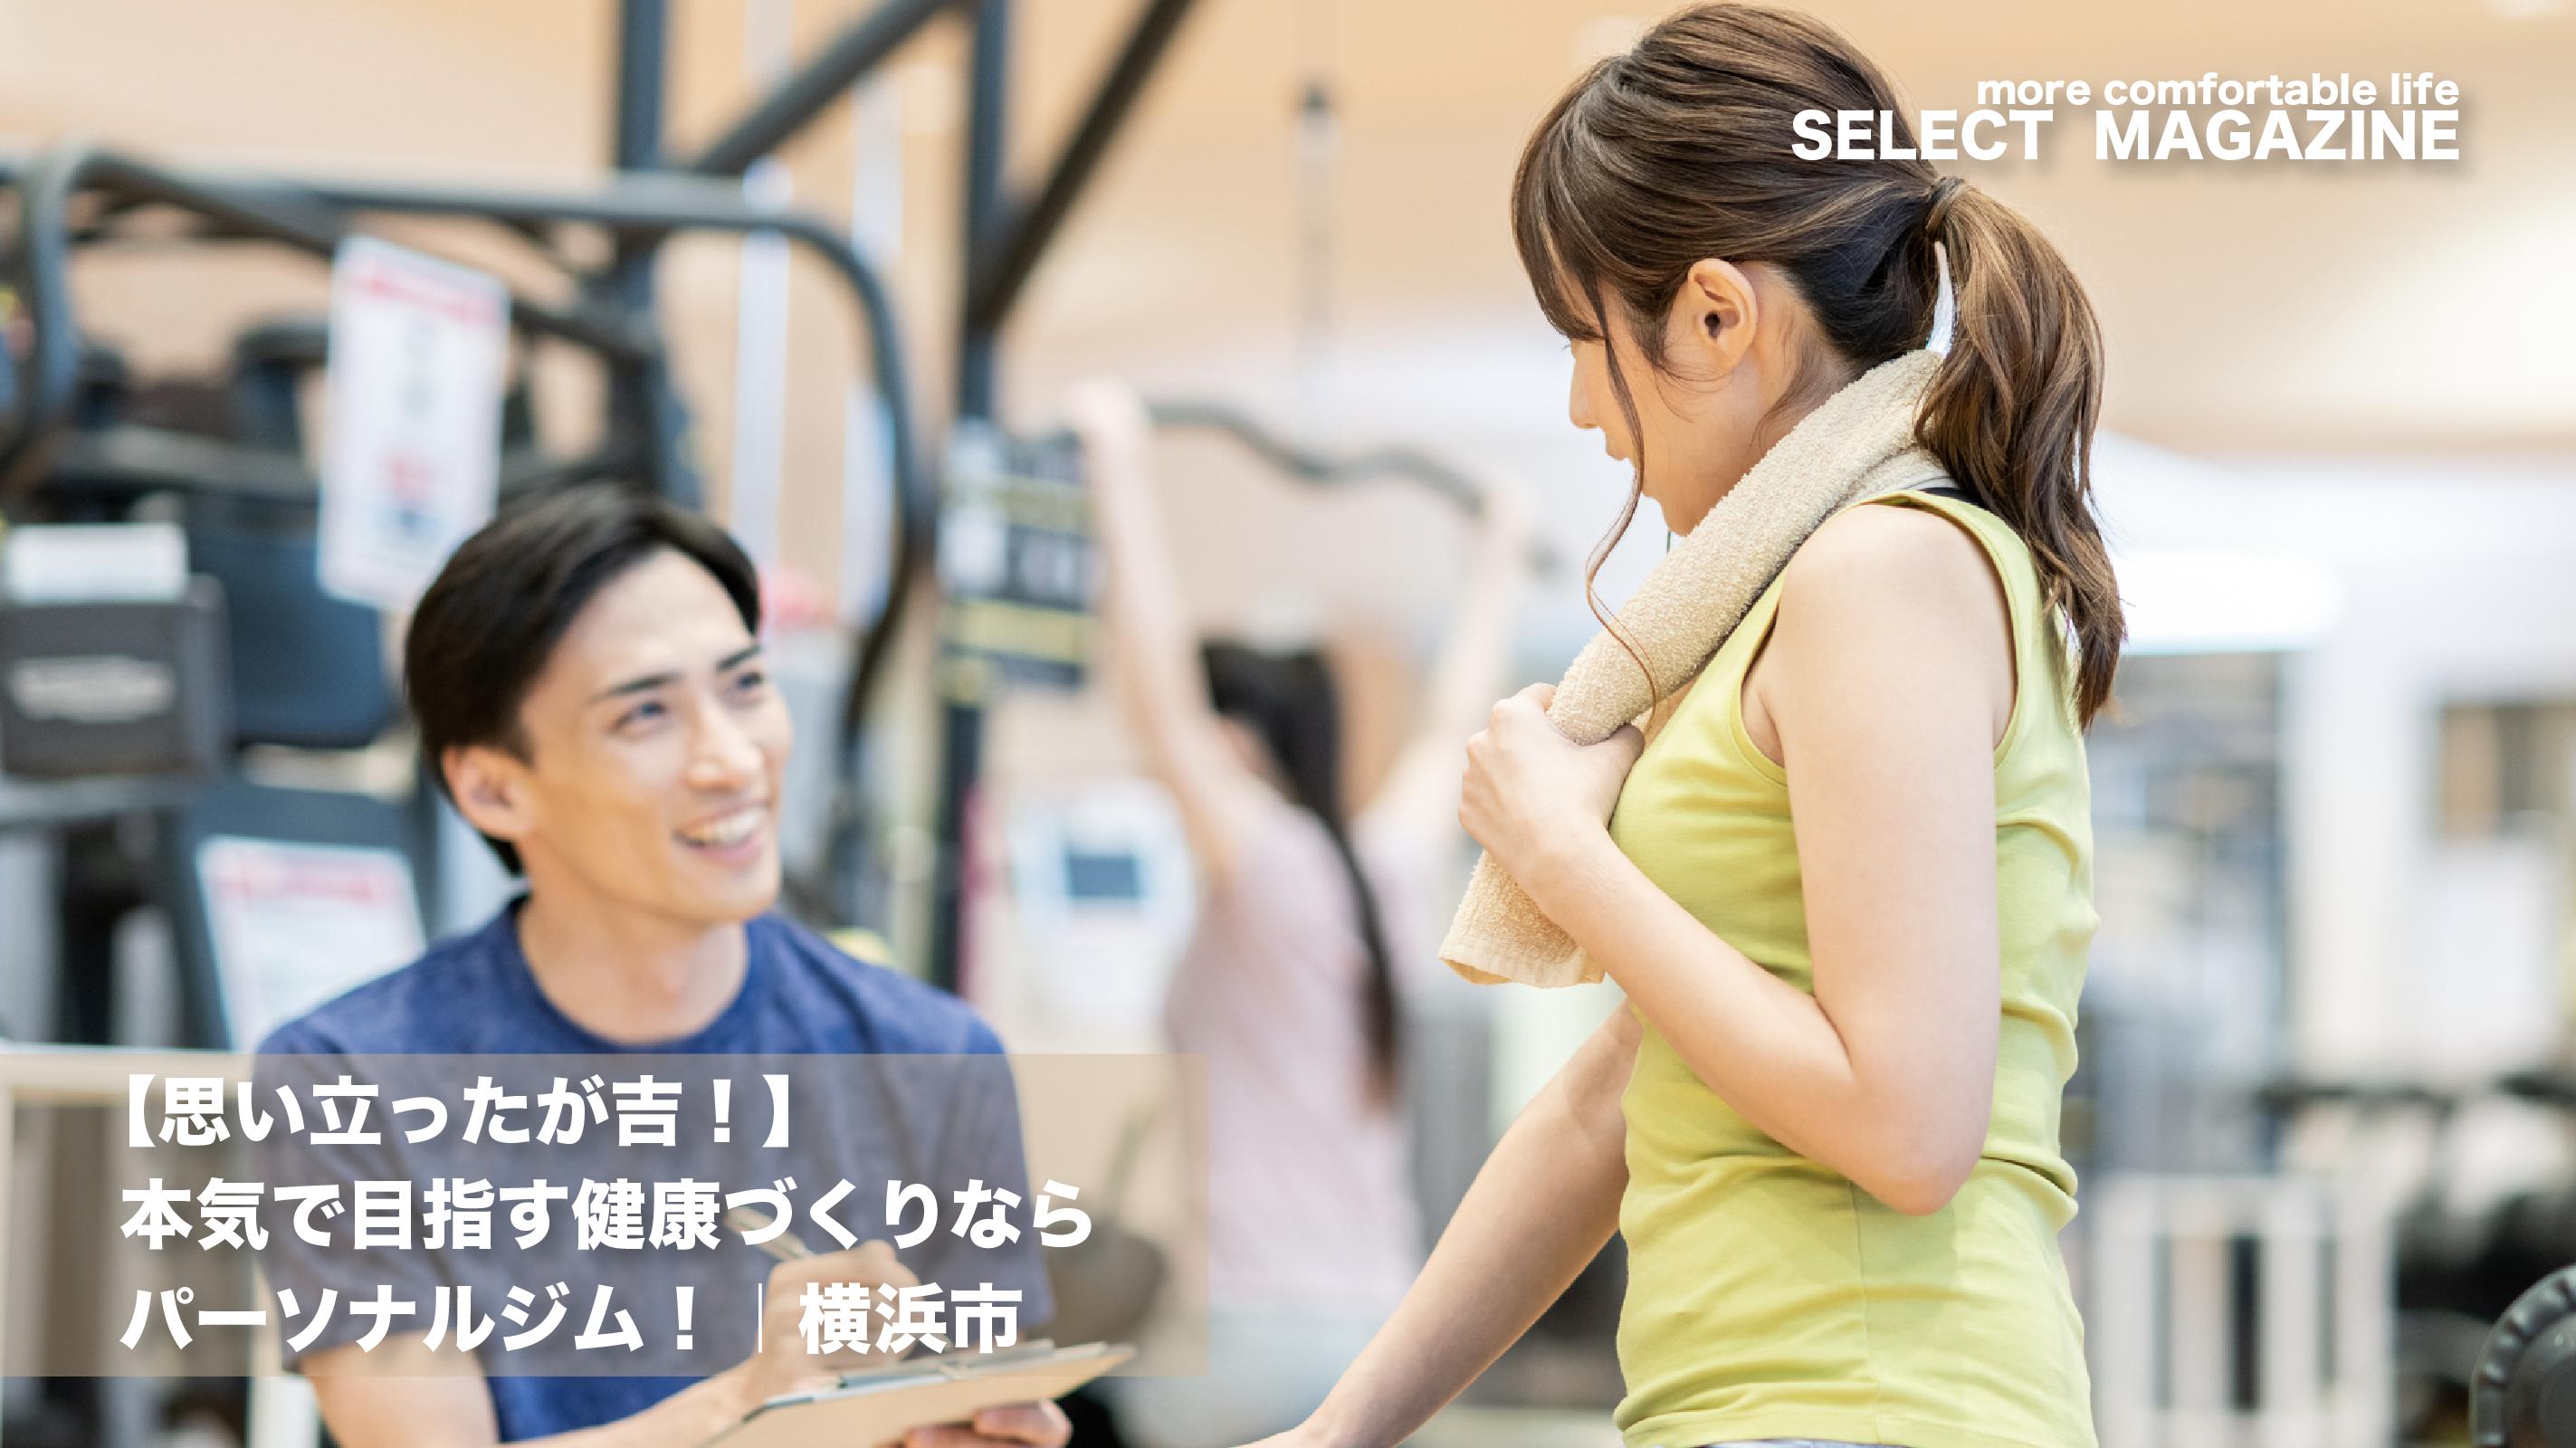 【思い立ったが吉!】 本気で目指す健康づくりなら パーソナルジム!|横浜市